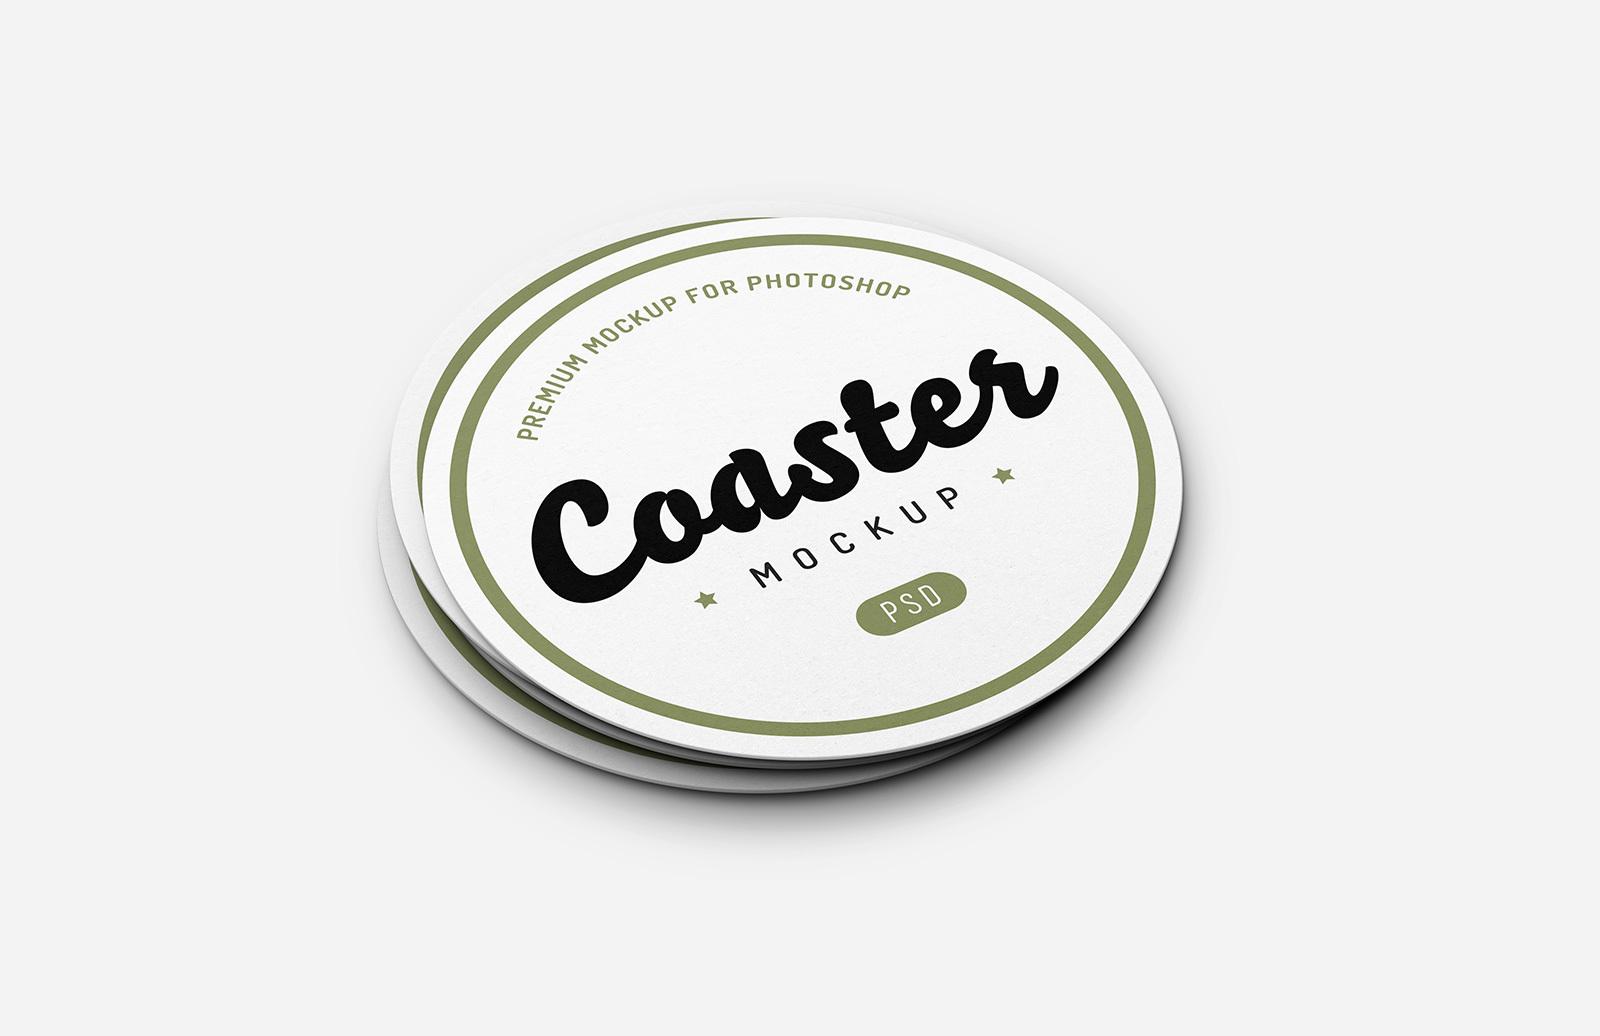 Bar Coaster Mockup Preview 1